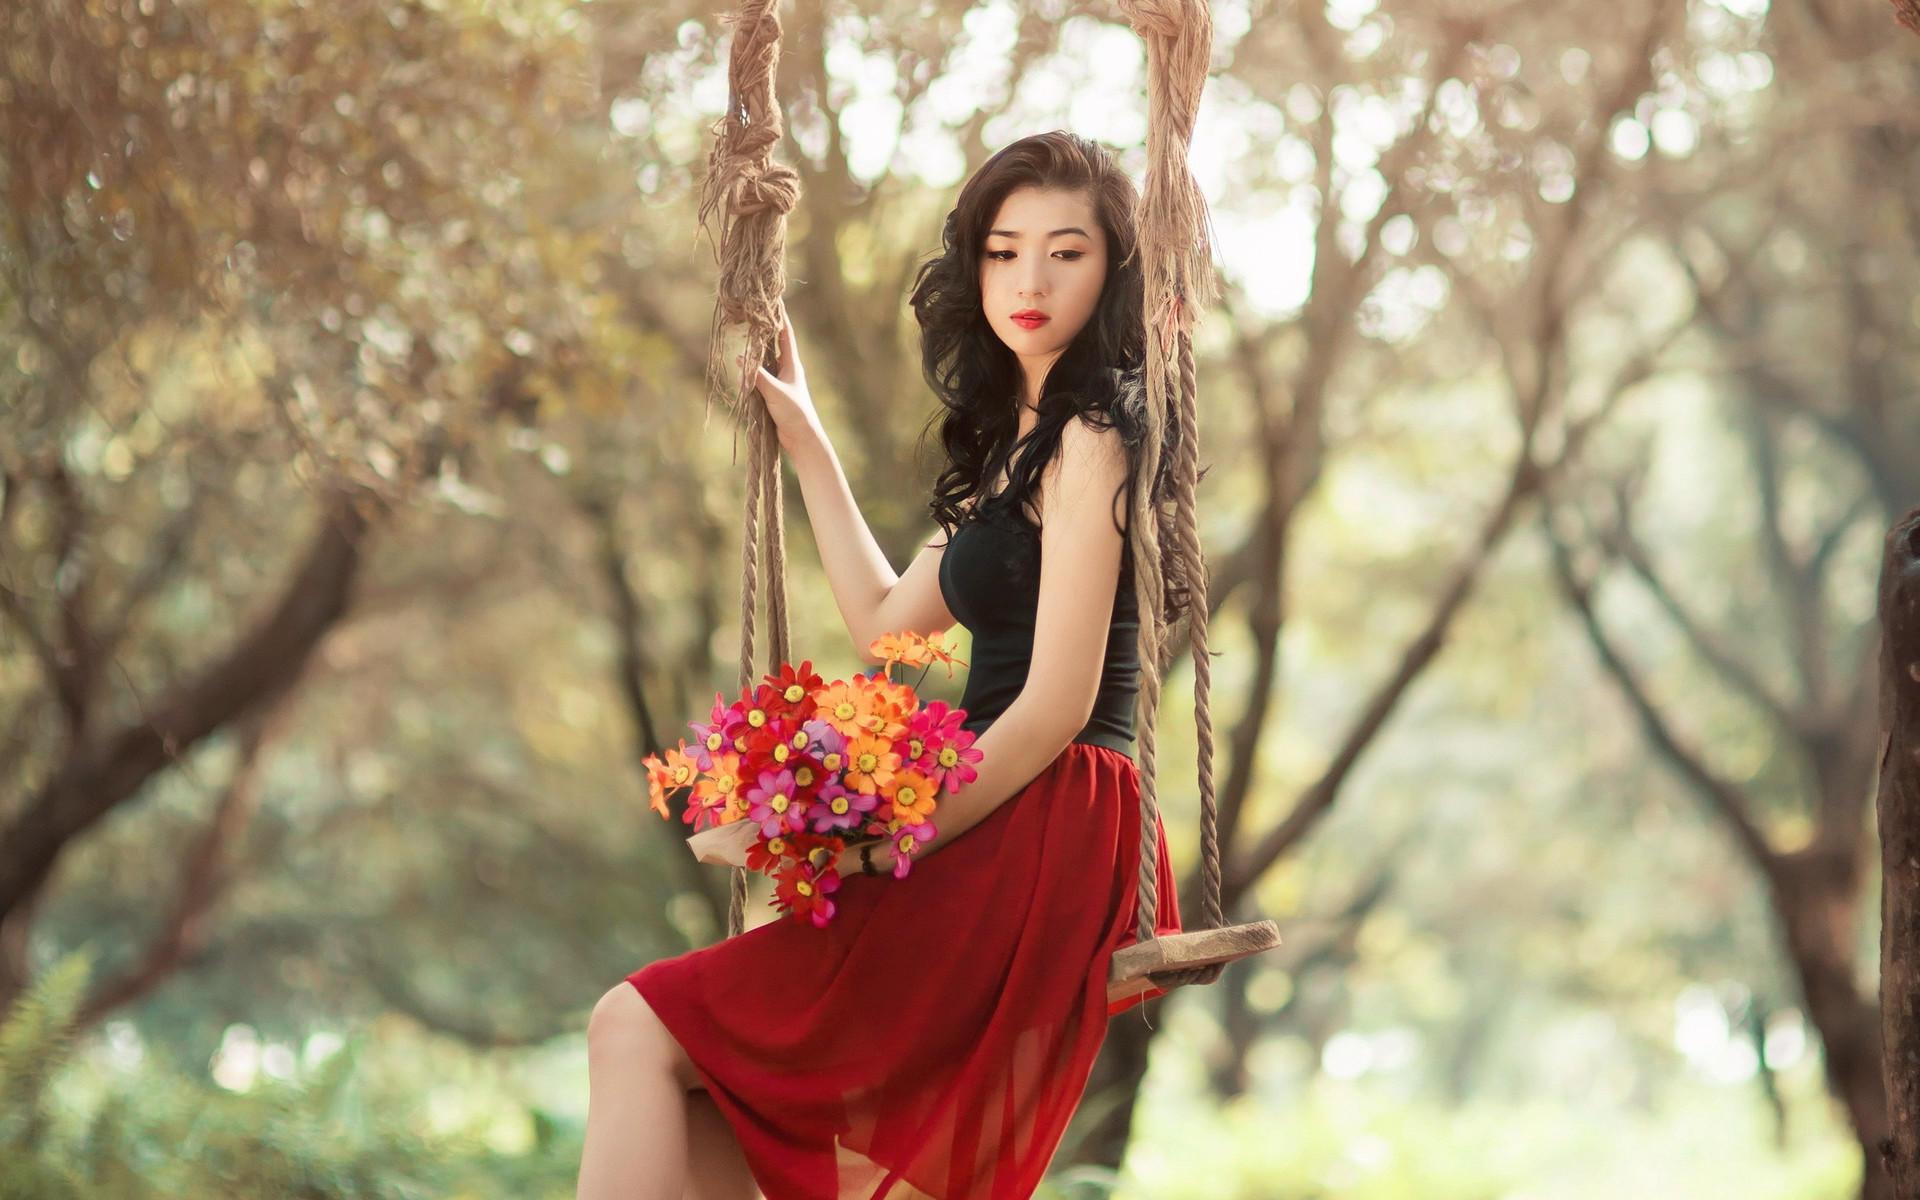 Девушка с цветами на качелях